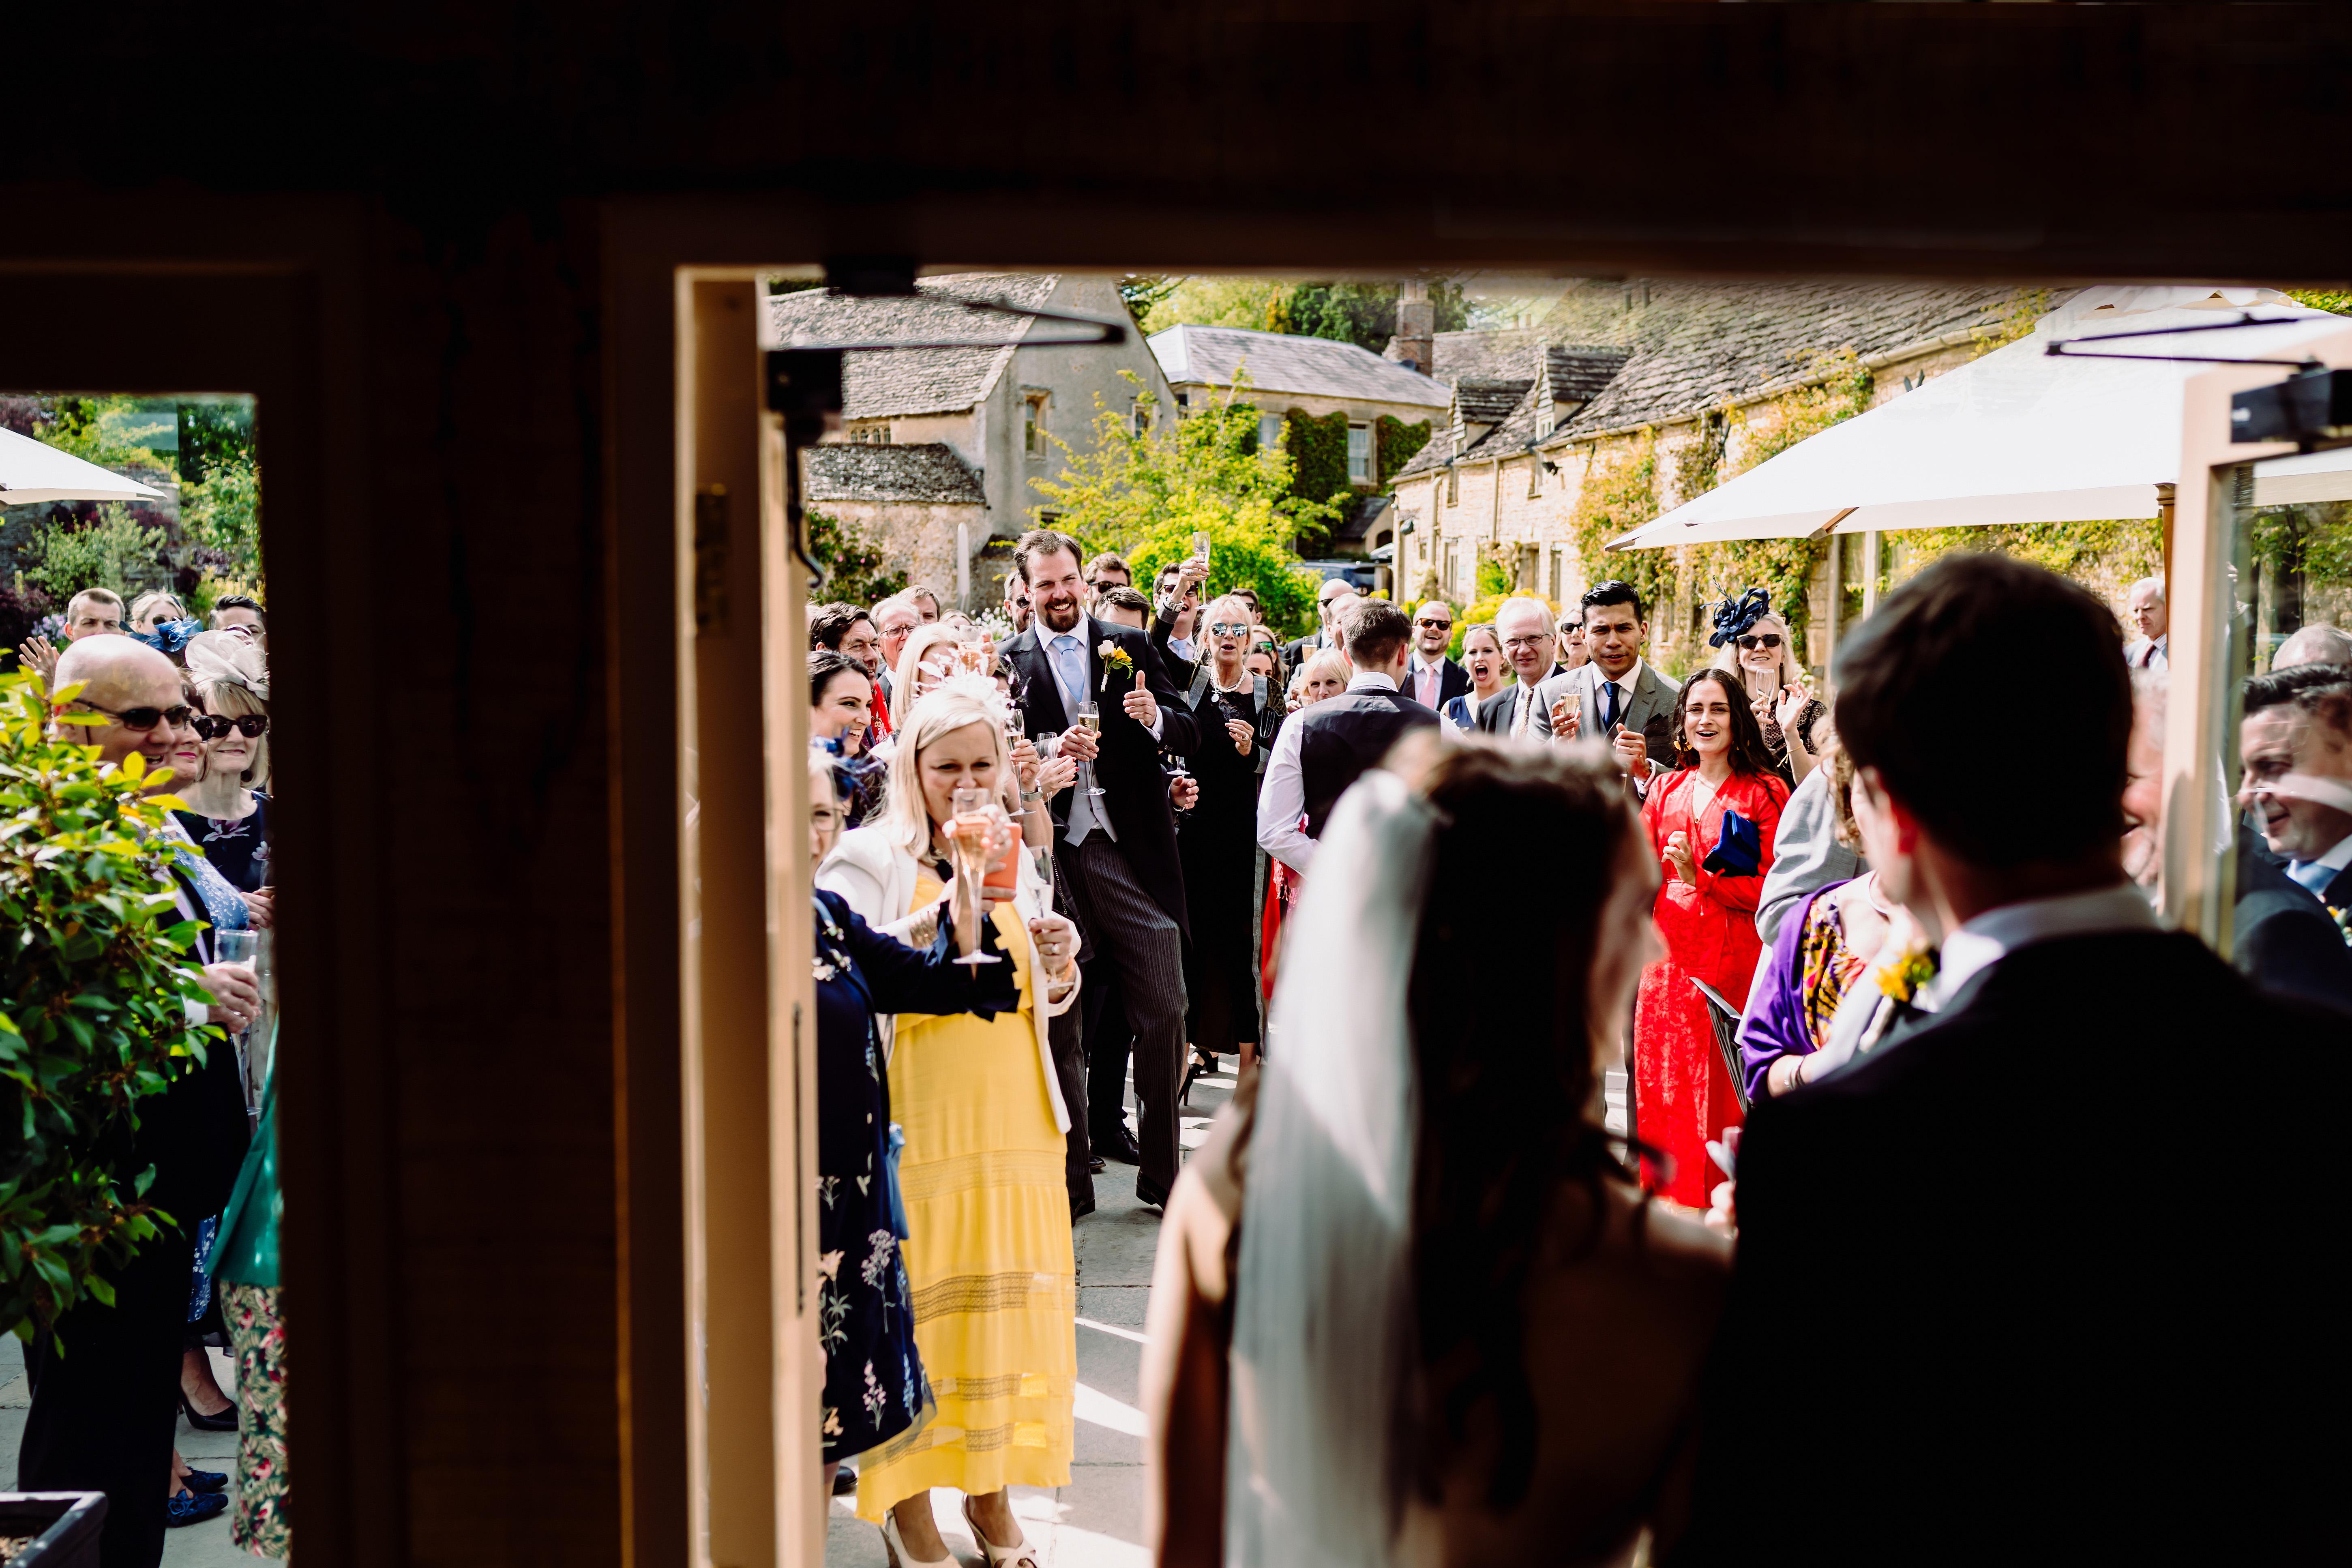 happy wedding guests greet the bride